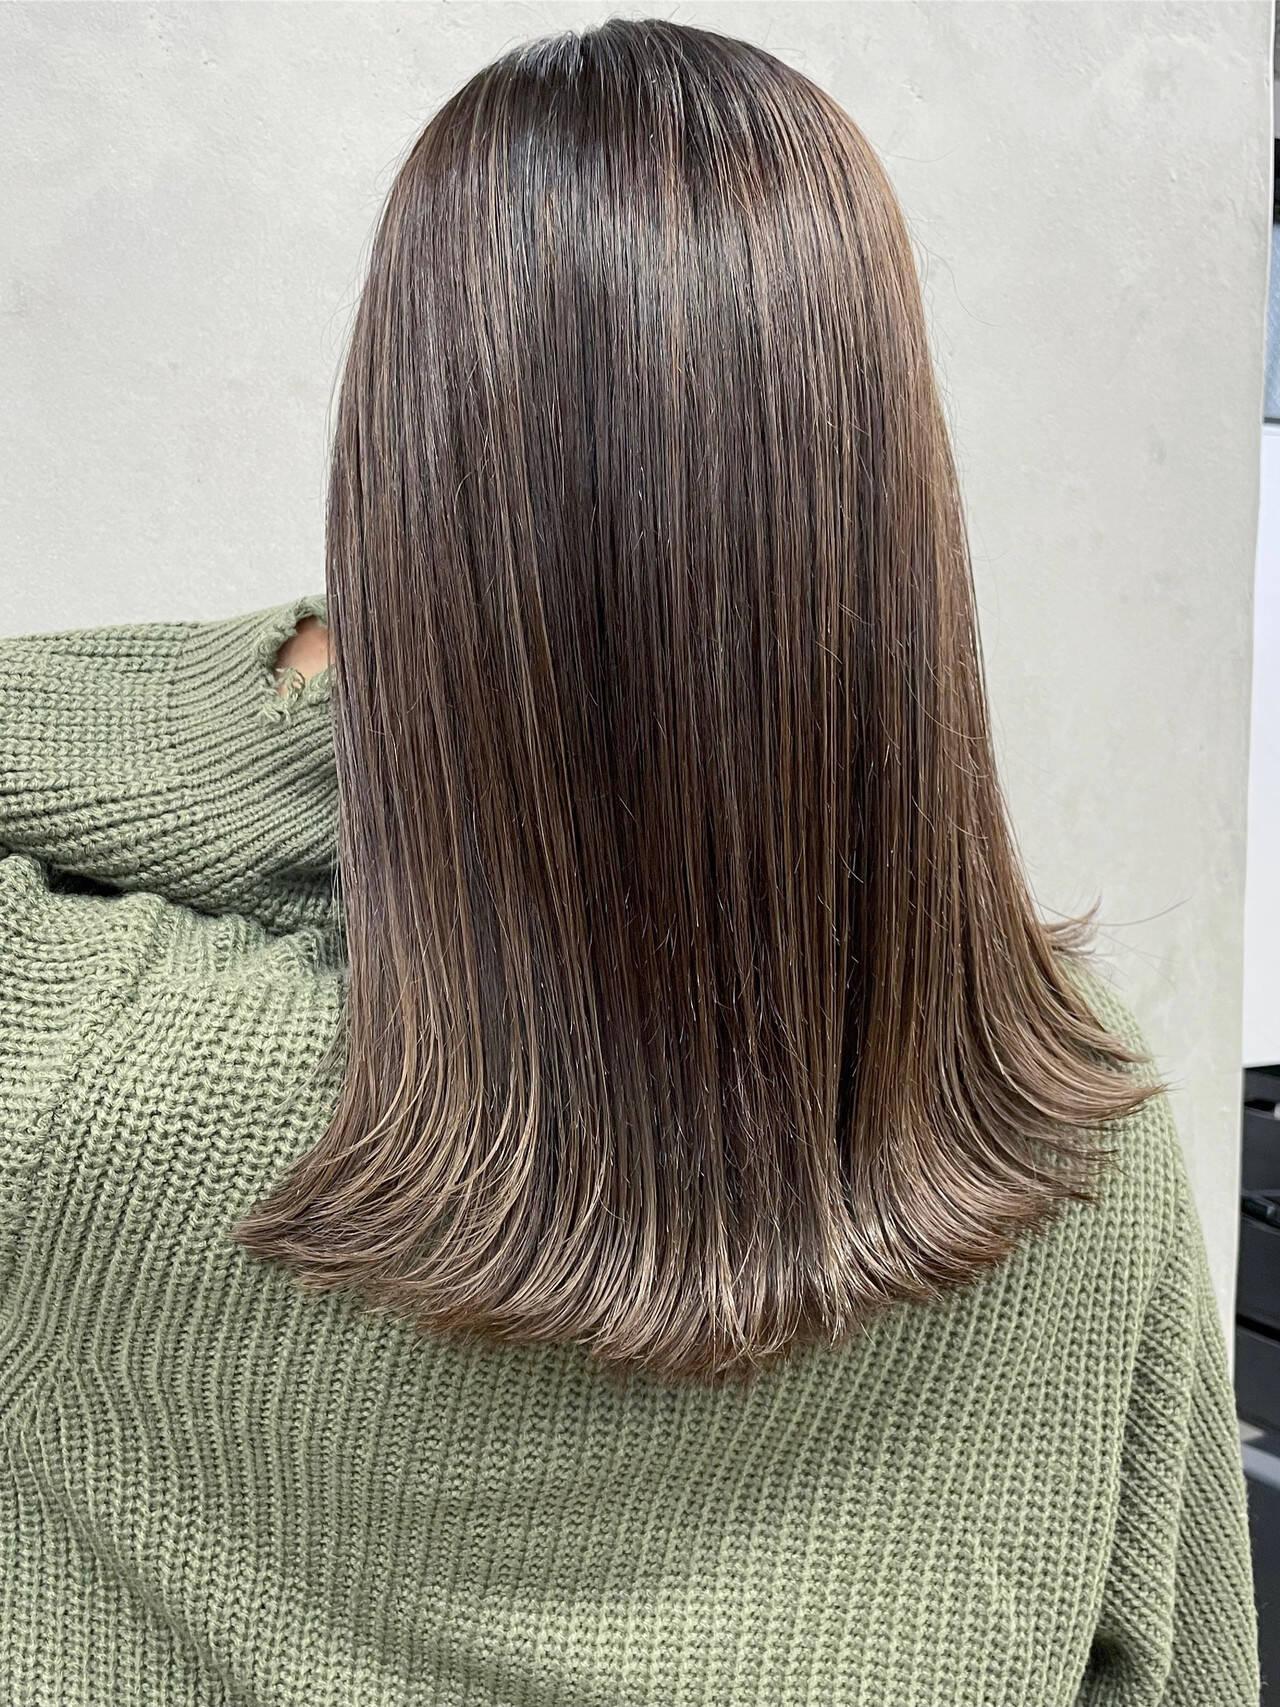 ベリーショート ショートボブ ナチュラル セミロングヘアスタイルや髪型の写真・画像